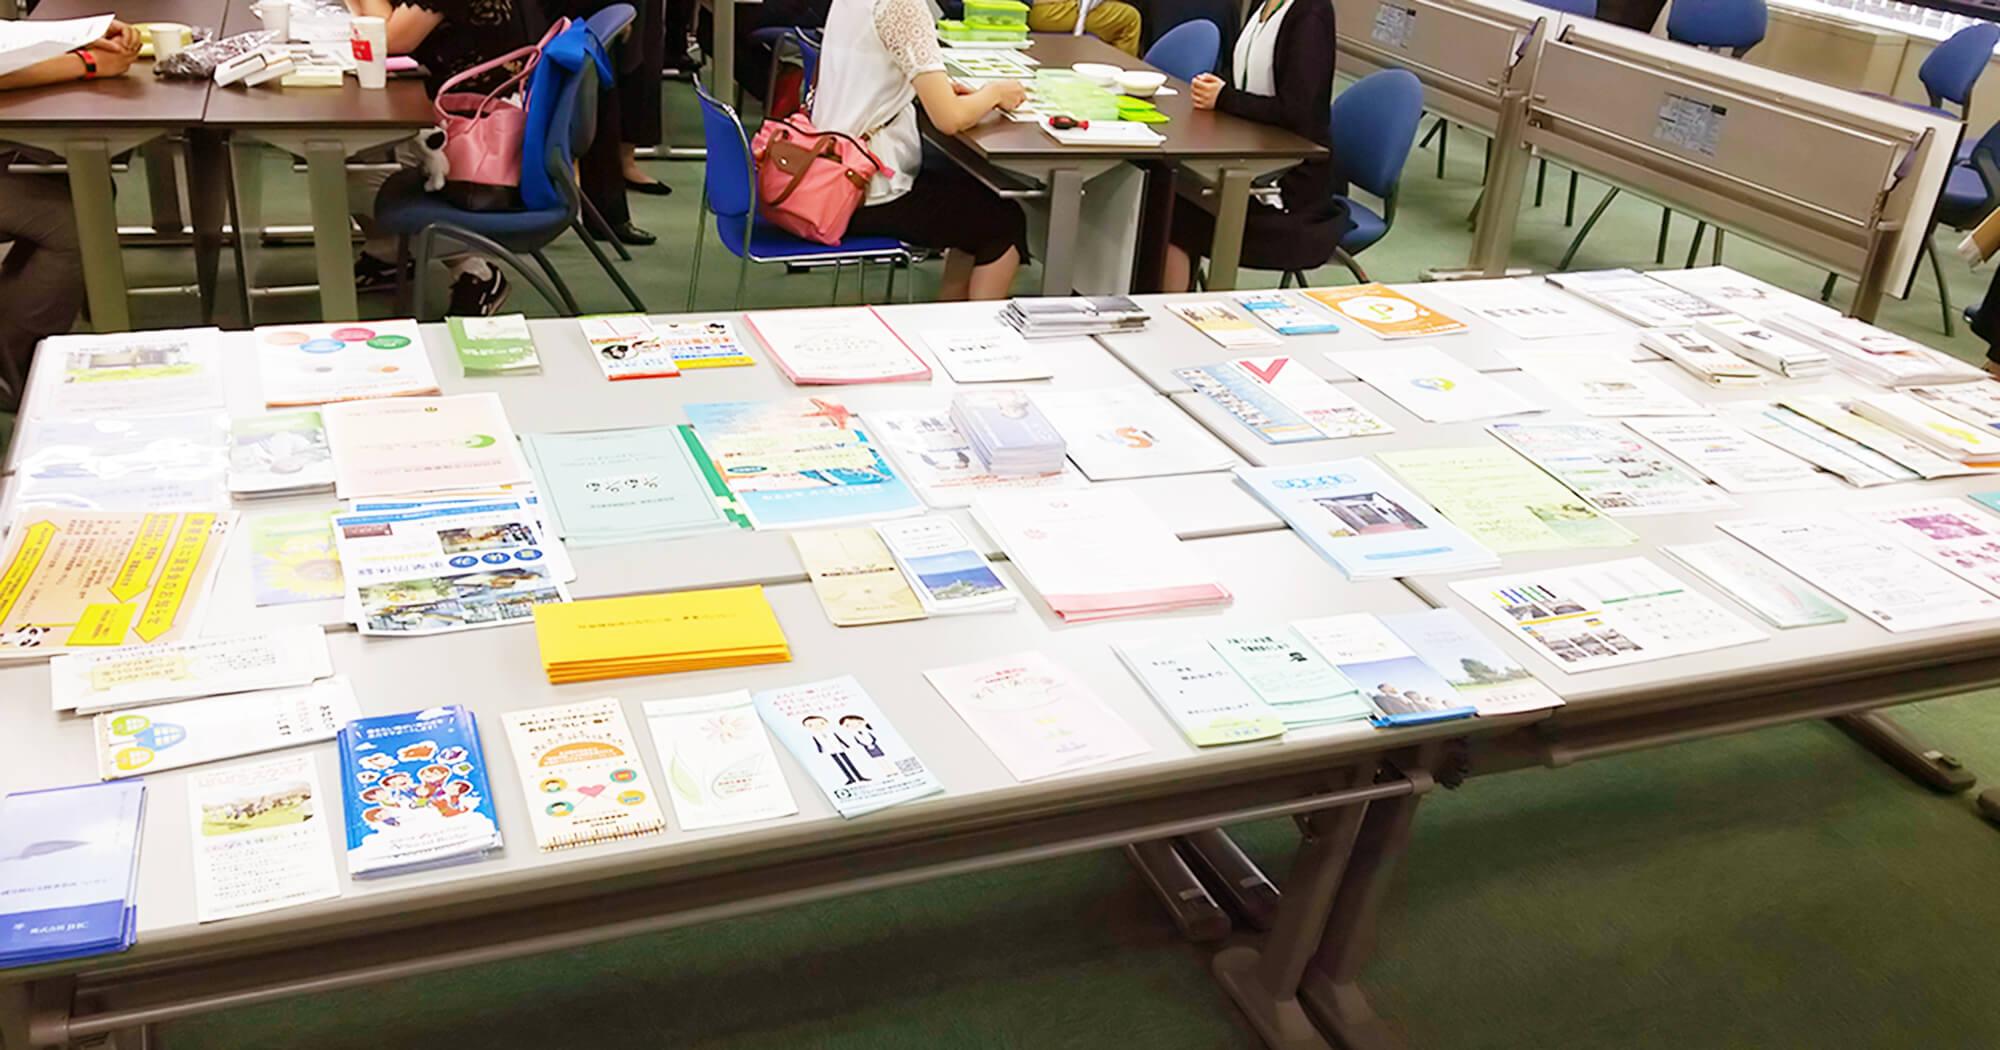 福祉サービス実演体験会【ハローワーク梅田】 @ ハローワーク梅田 セミナールーム